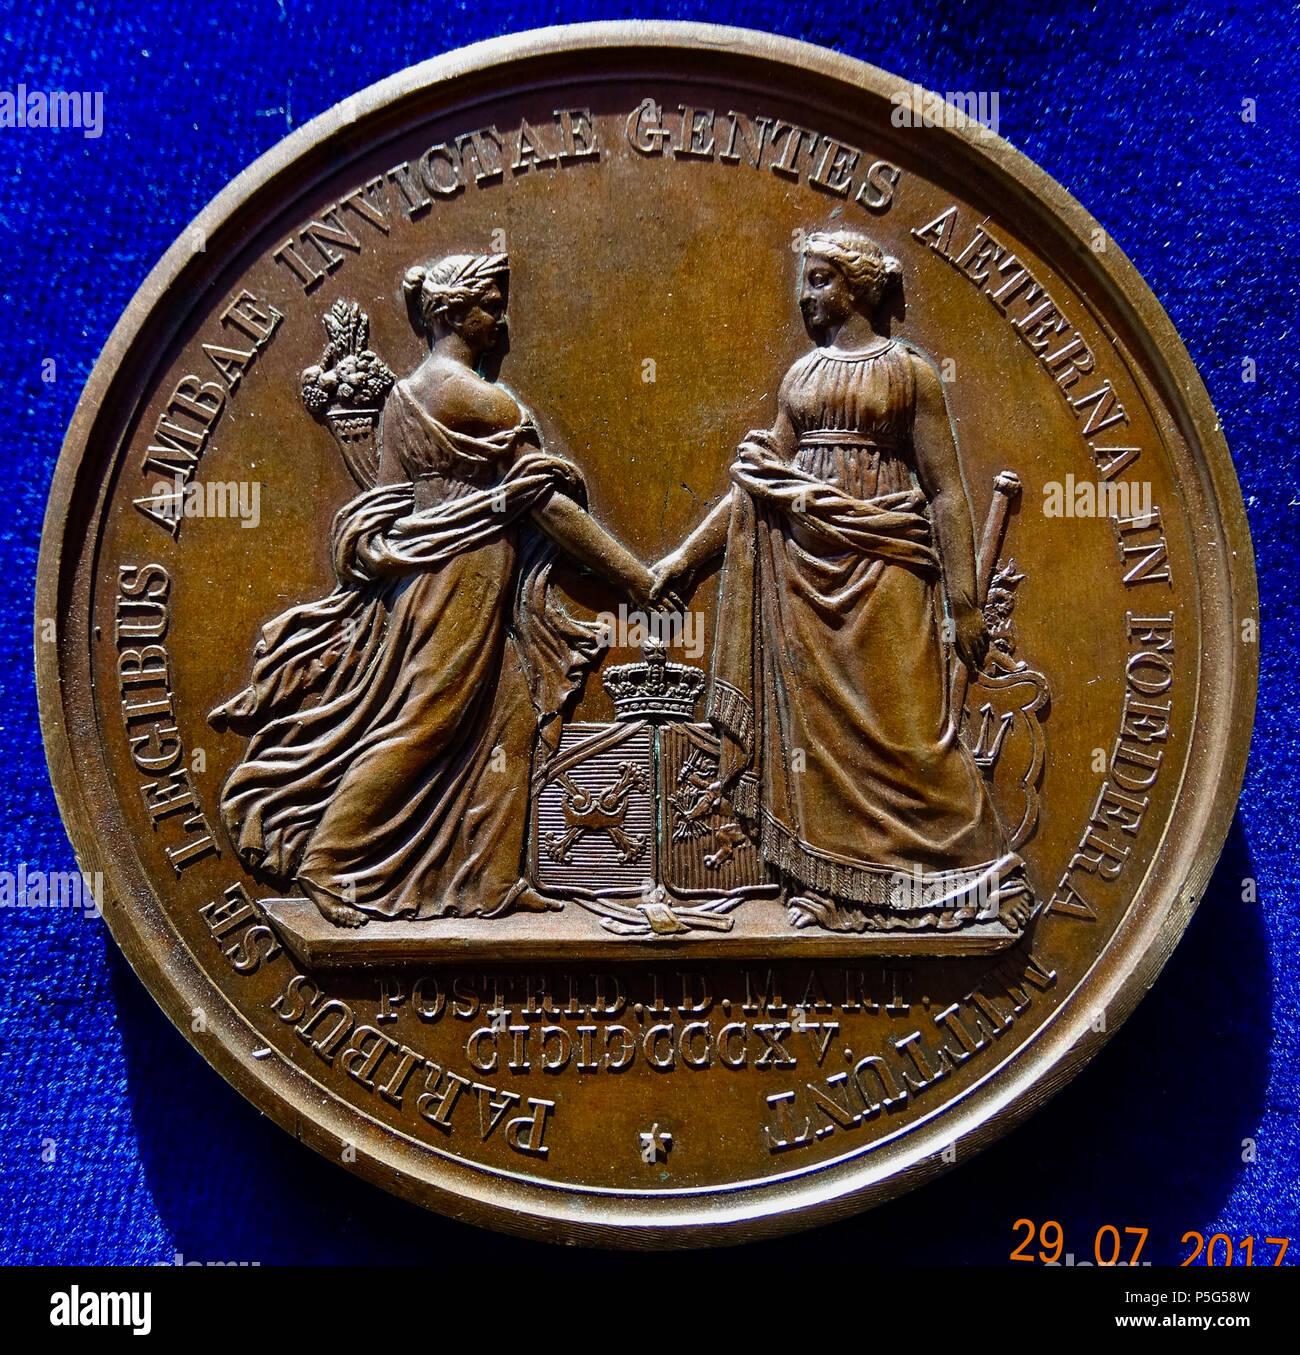 """N/A. Inglés: Los Países Bajos y Bélgica 1815 Medalla de unificación de Guillermo I, príncipe de Orange-Nassau. Medalla de bronce, d. = 72 mm. Guillermo I (Willem Frederik, Príncipe de Orange-Nassau), Rey de los Países Bajos y Gran Duque de Luxemburgo, Jefe 1815-1840 l., alrededor: """"WILH: NASS: BELG: REX. LUXEMB: M: DUX:'/ Fama Belgica l. y fama Hollandia r. La celebración de manos por encima de 2 brazos conjuntada por una corona. 2 líneas abajo: '* POSTRID. ID. MART. CICIC CCCXV.', alrededor: '* PARIBUS SE LEGIBUS AMBAE INVICTAE GENTES AETERNA EN FOEDERA MITTUNT *'. Wurzbach 9751; Forrer IV , pág. 64. Medallist: Auguste Francois) Michaut, Imagen De Stock"""